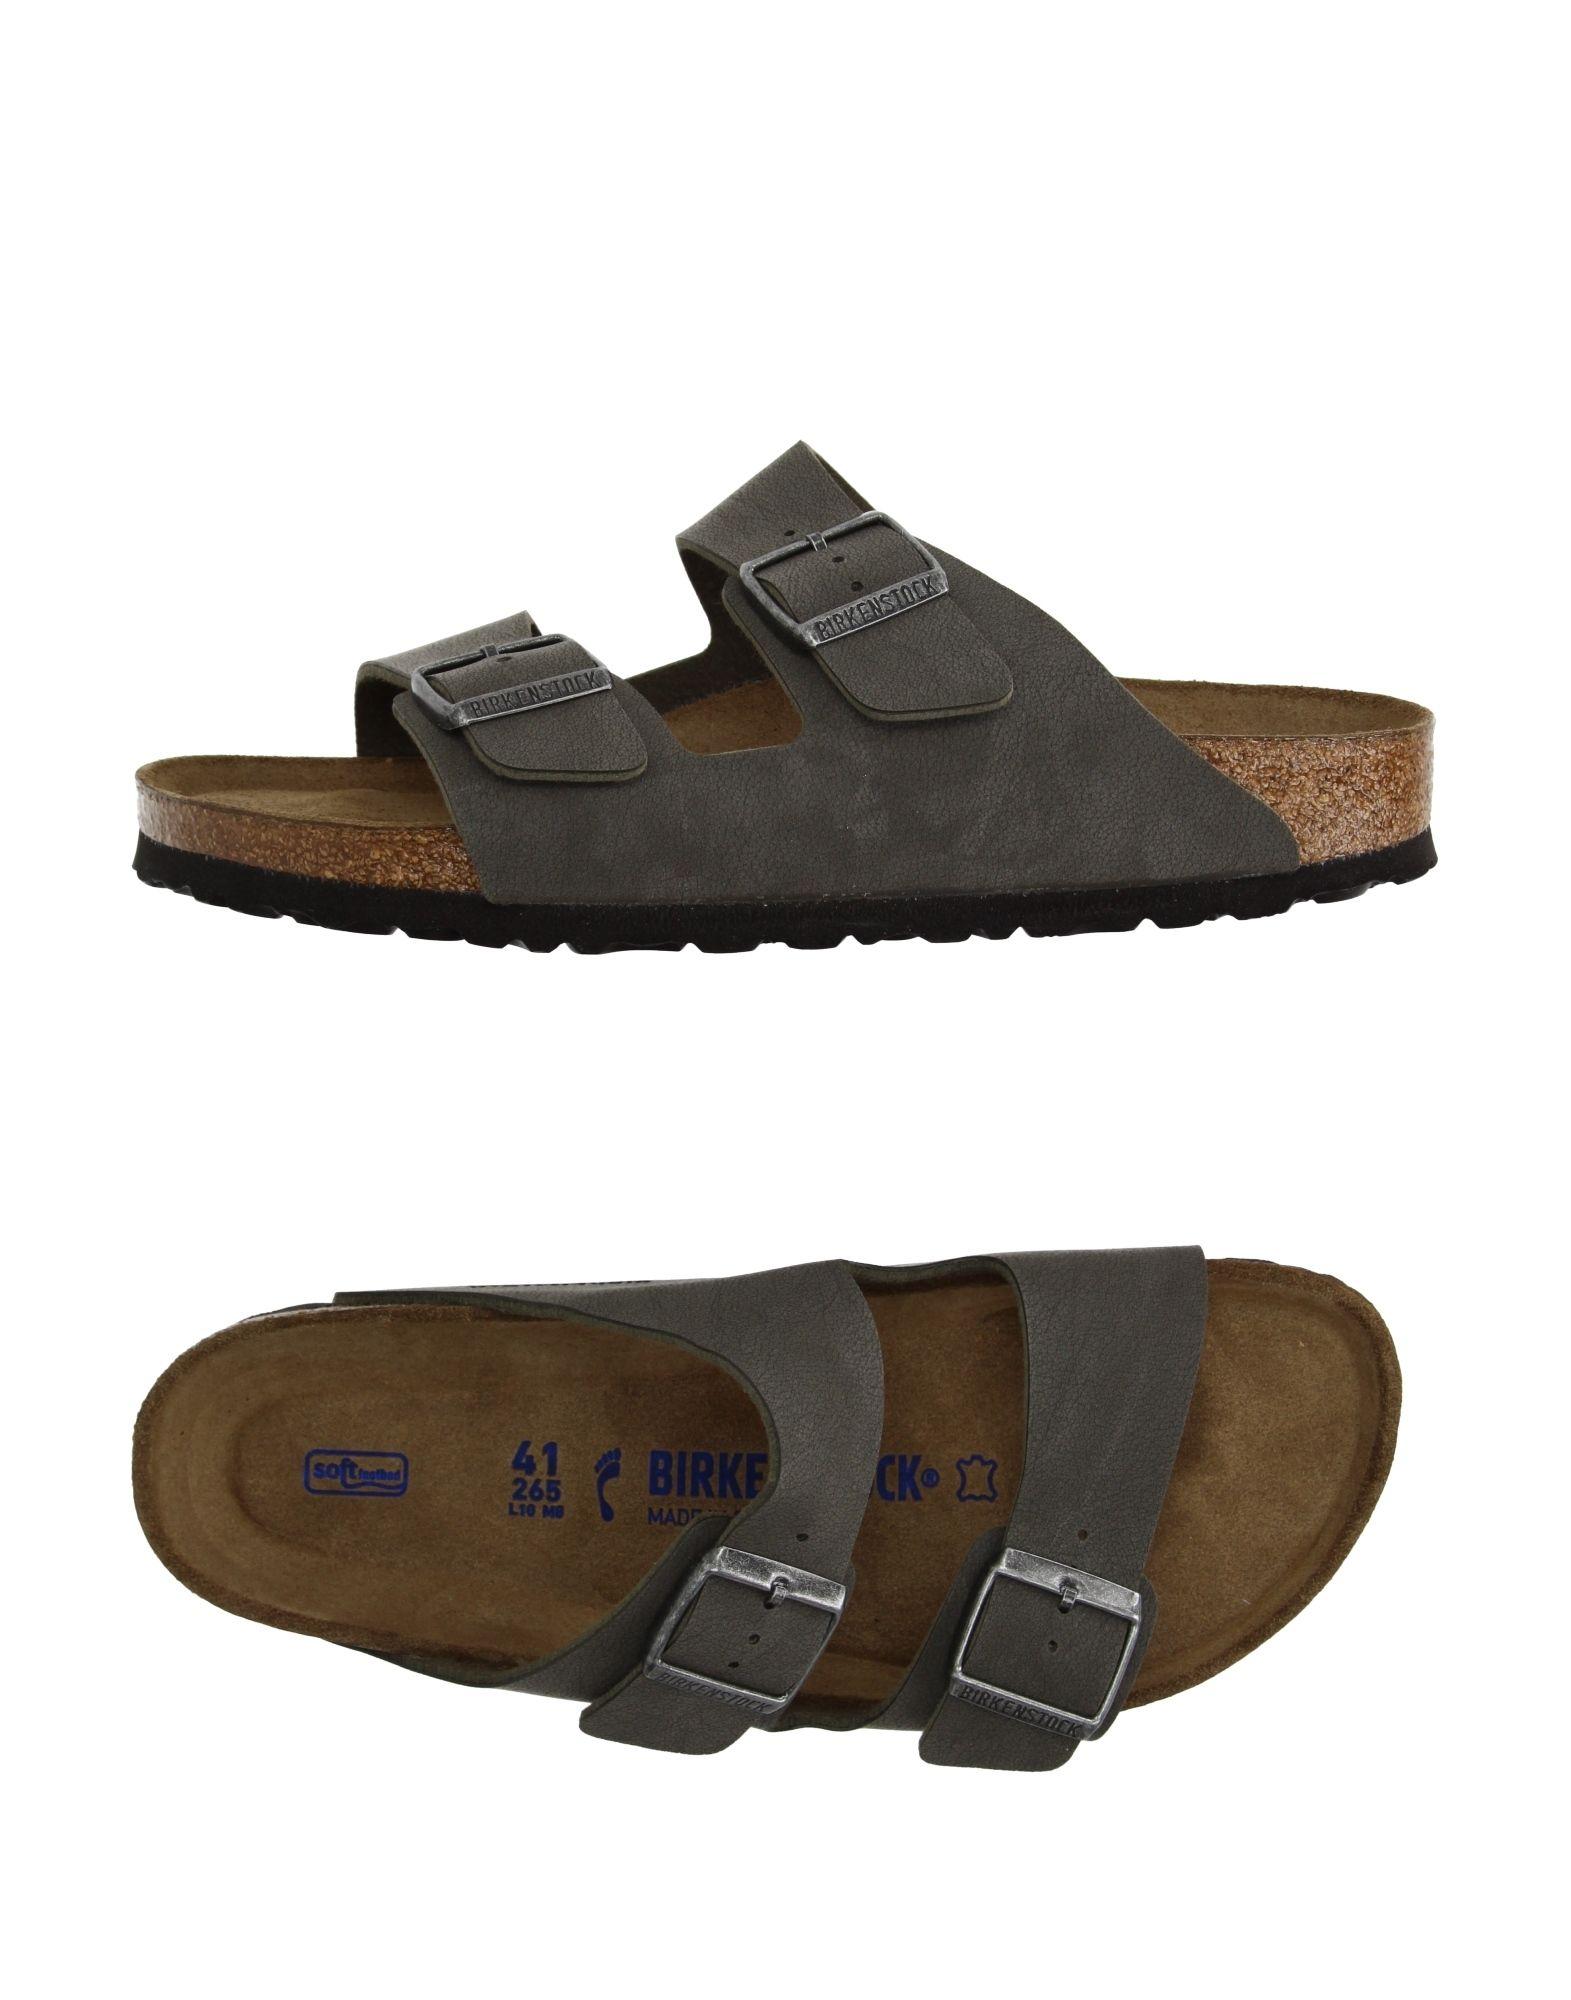 BIRKENSTOCK Herren Sandale Farbe Grau Größe 7 jetztbilligerkaufen